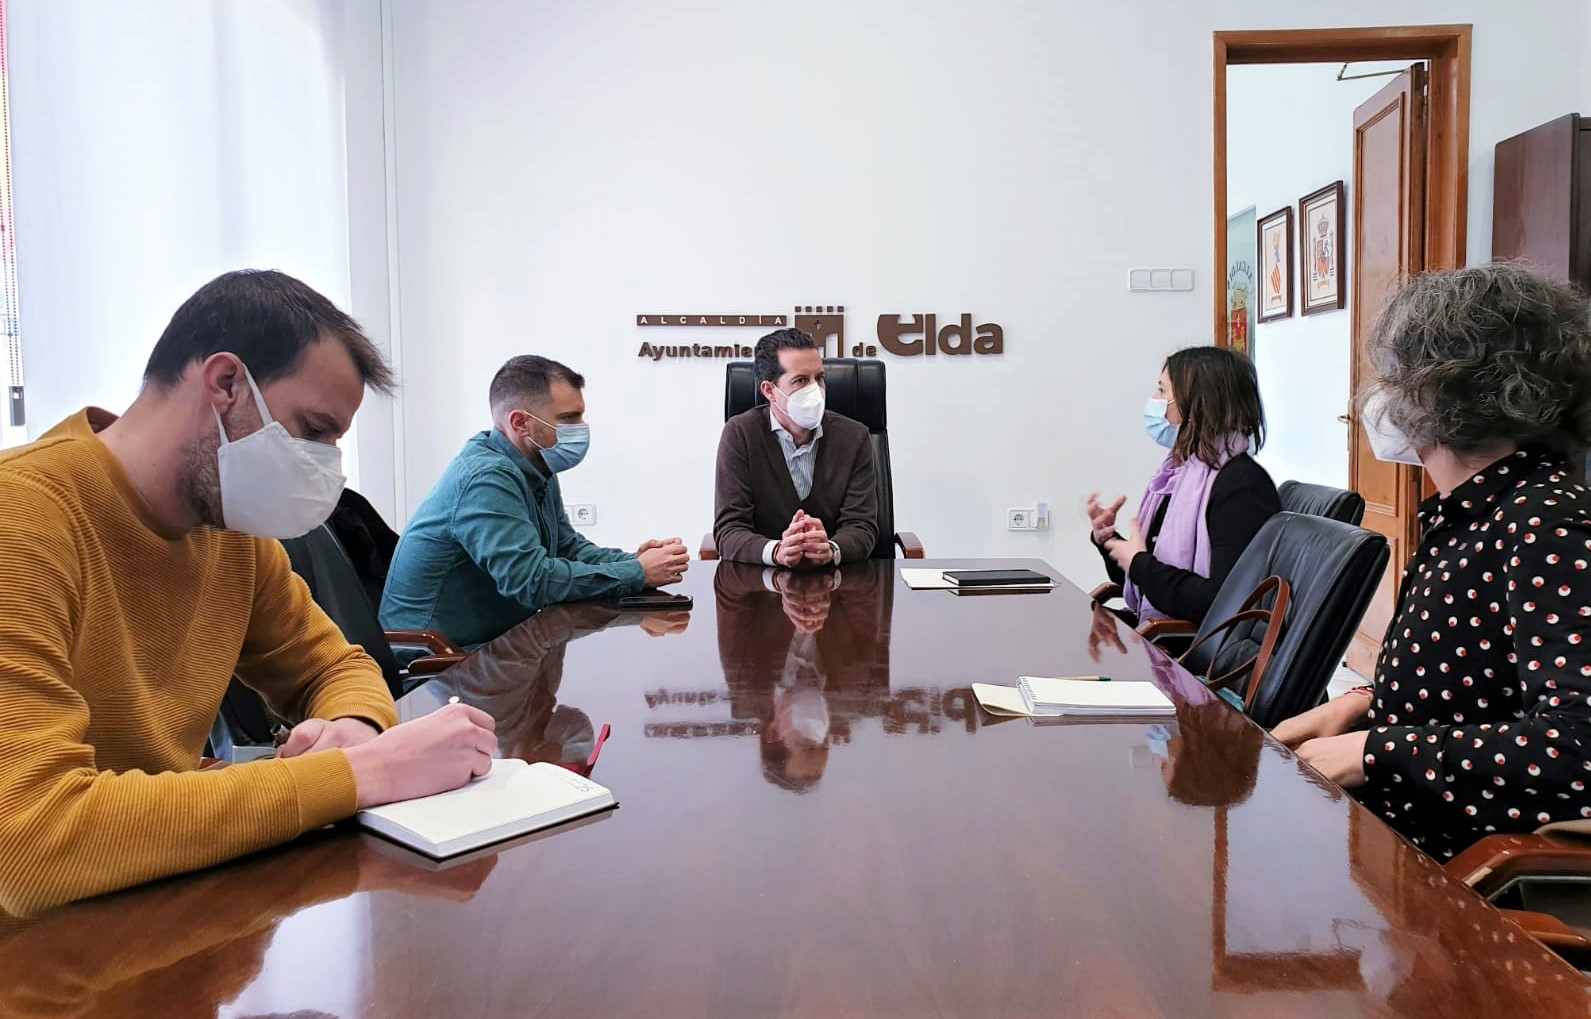 El Ayuntamiento impulsará la participación de los ciudadanas y ciudadanos de Elda en los presupuestos de la Generalitat Valenciana